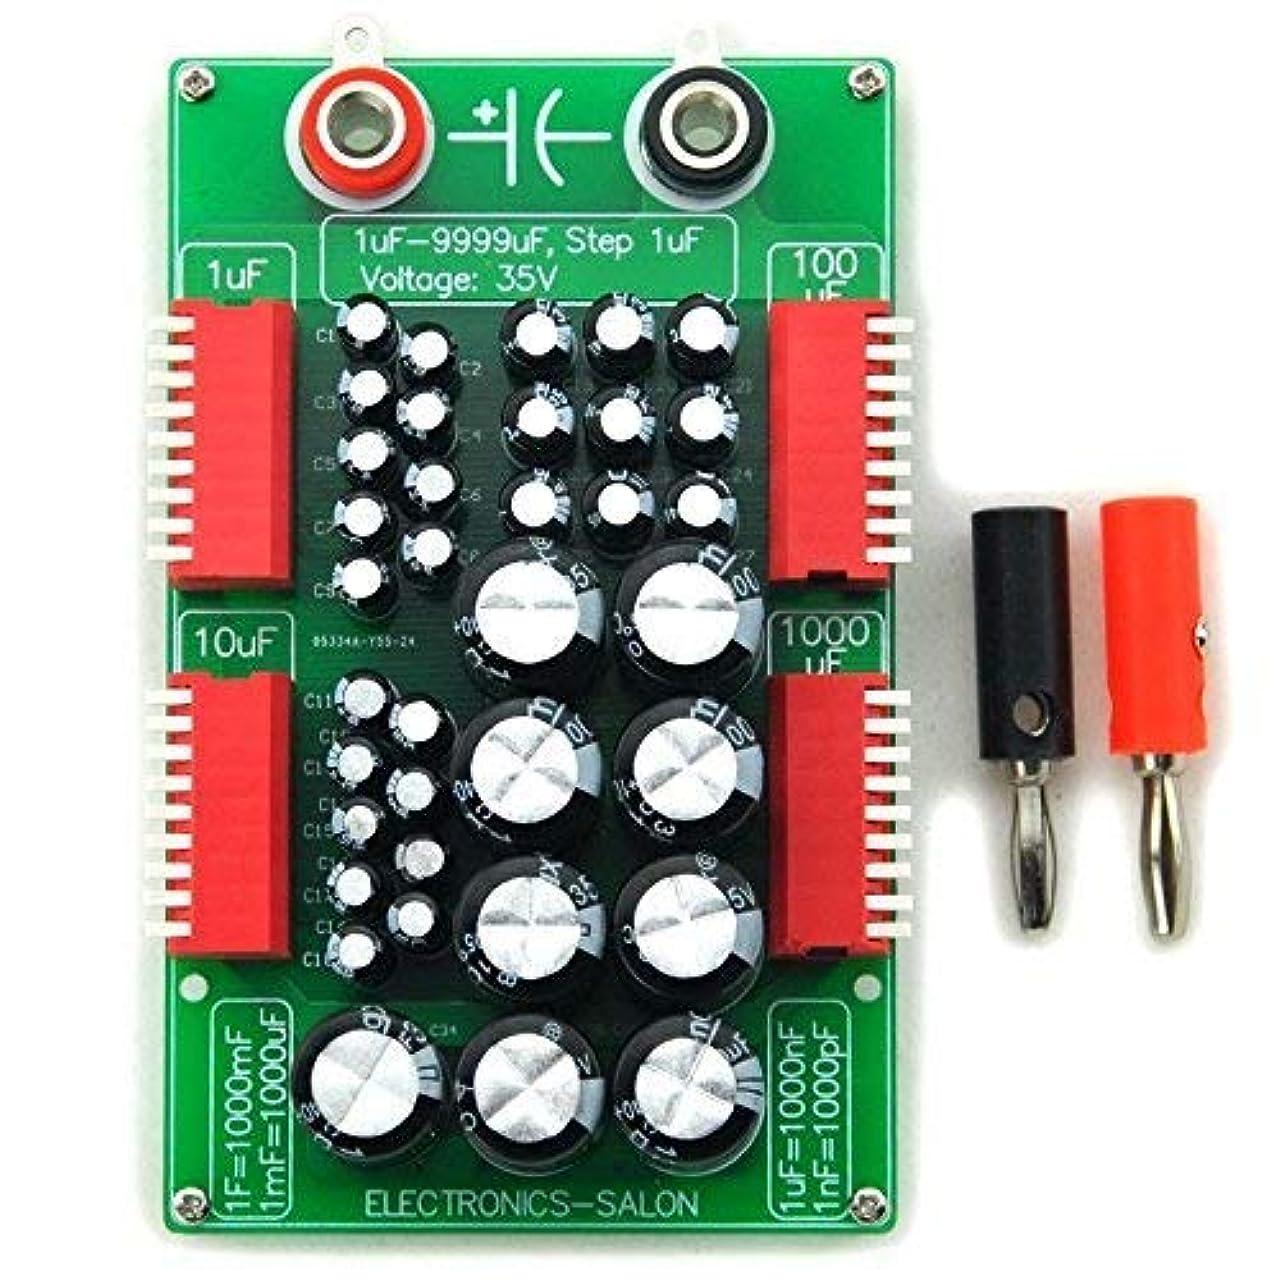 それからニュースフローティングElectronics-Salon 9999ufステップ-1μF 4十年 プログラム可能なコンデンサボードに1UF